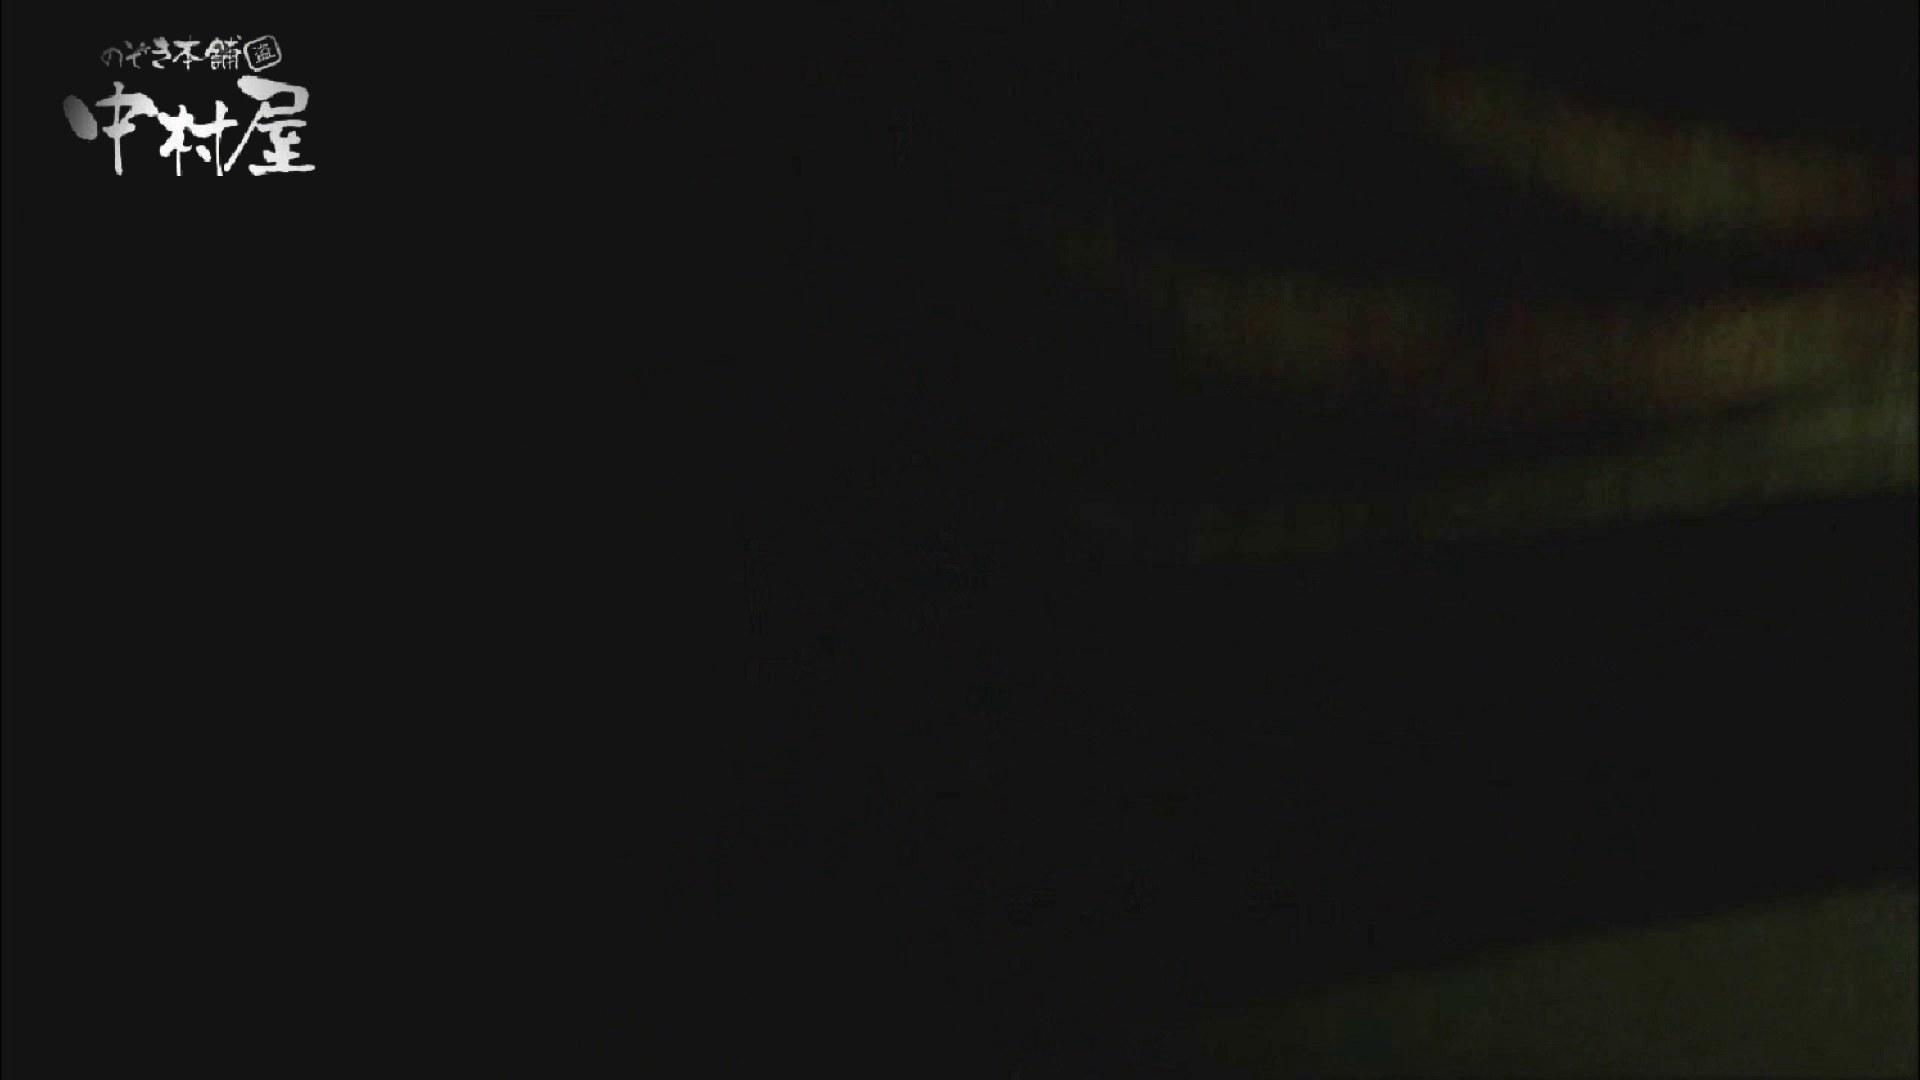 欲望 リアルドール Vol.01 Kちゃんショップ店員店員20歳 女子大生のエロ生活 ワレメ動画紹介 73連発 55